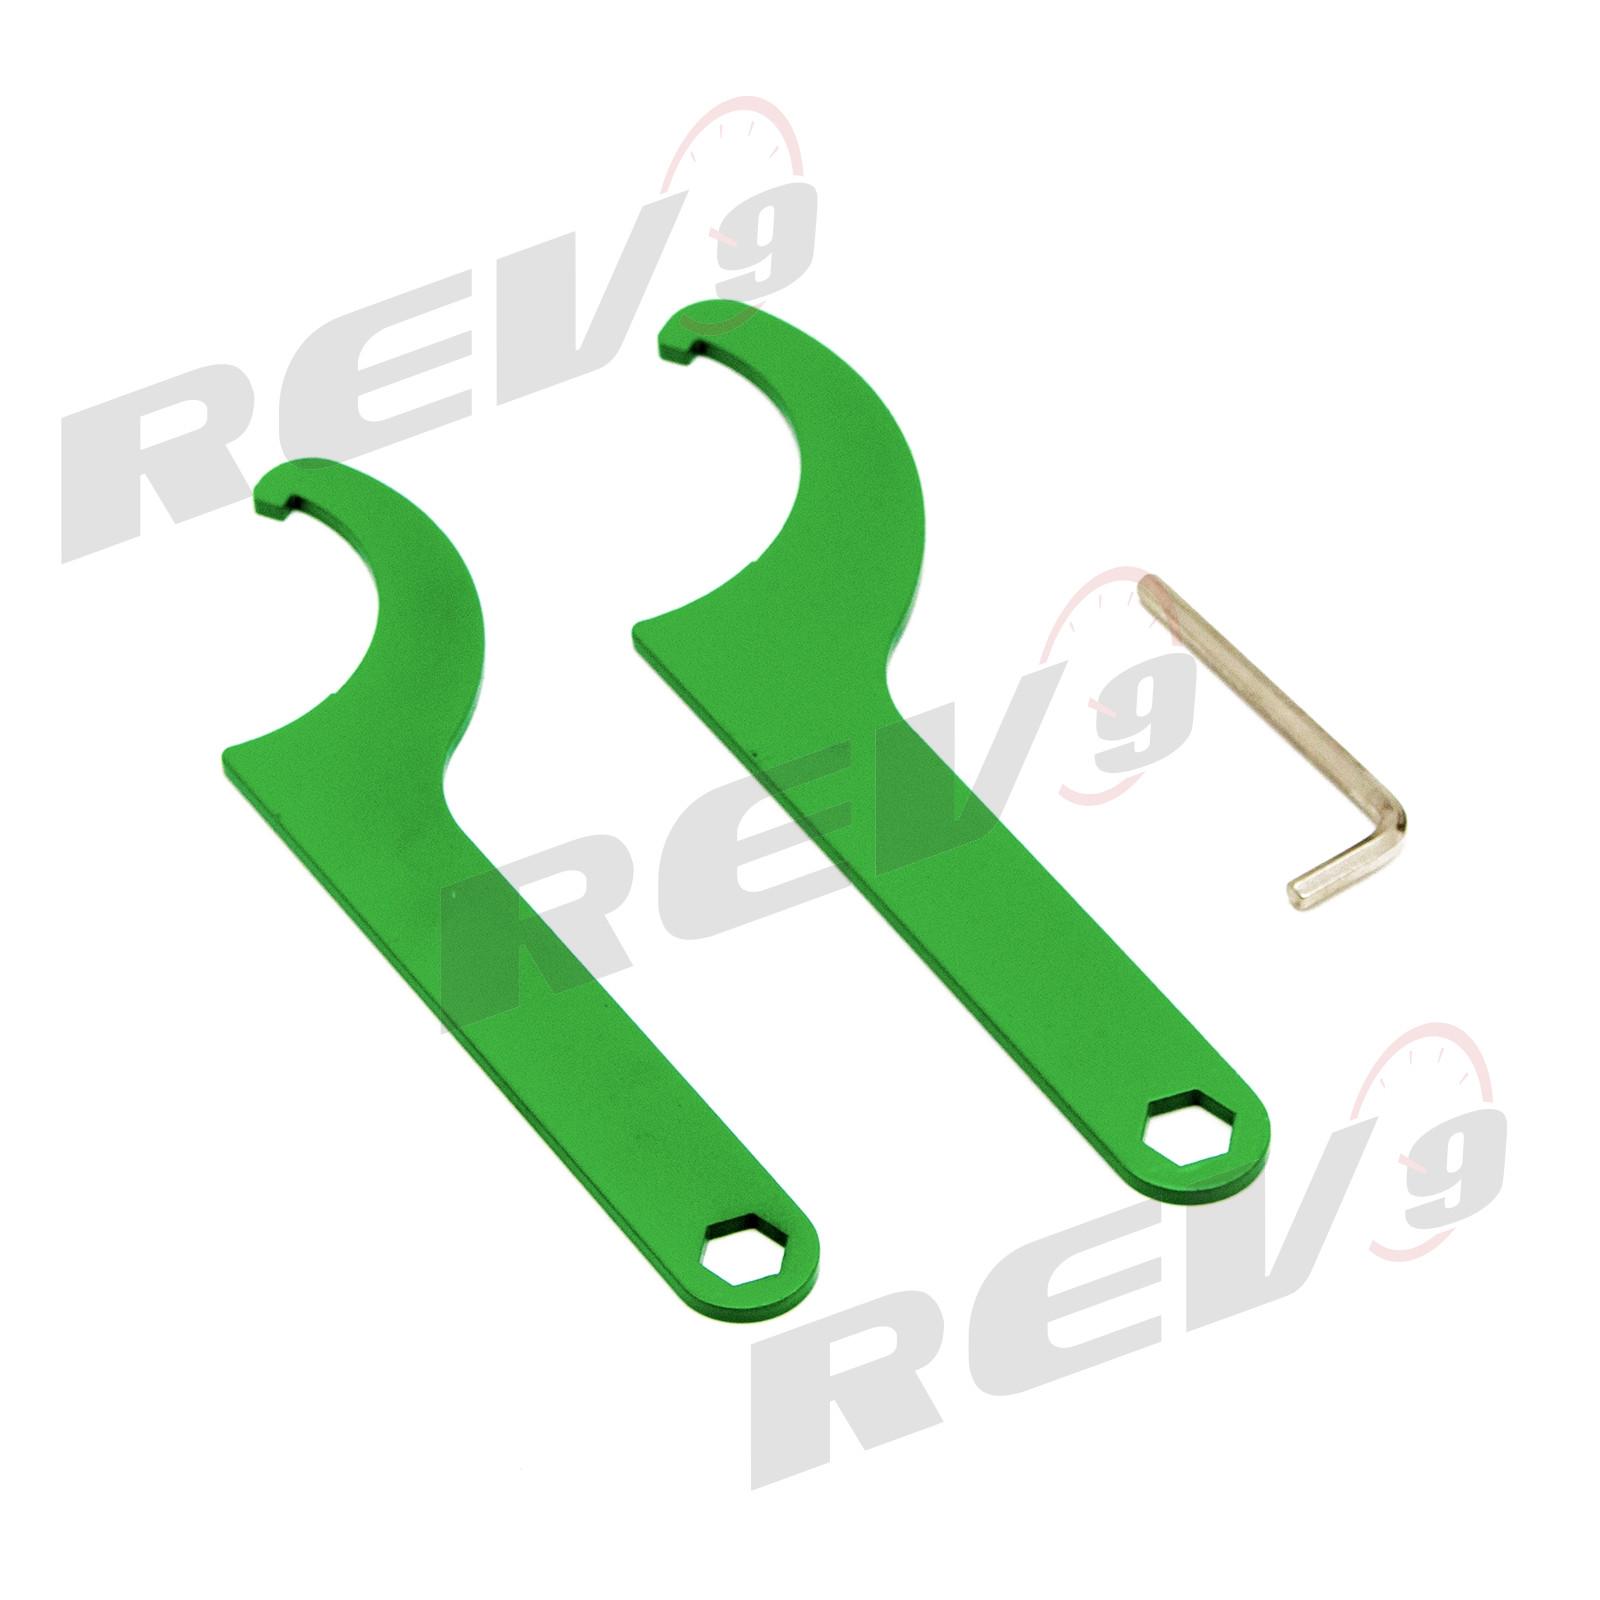 Mono-Tube Shock w// 32 Click Rebound Setting Full Length Adjustable Rev9 R9-HS2-033/_1 Hyper-Street II Coilover Suspension Lowering Kit